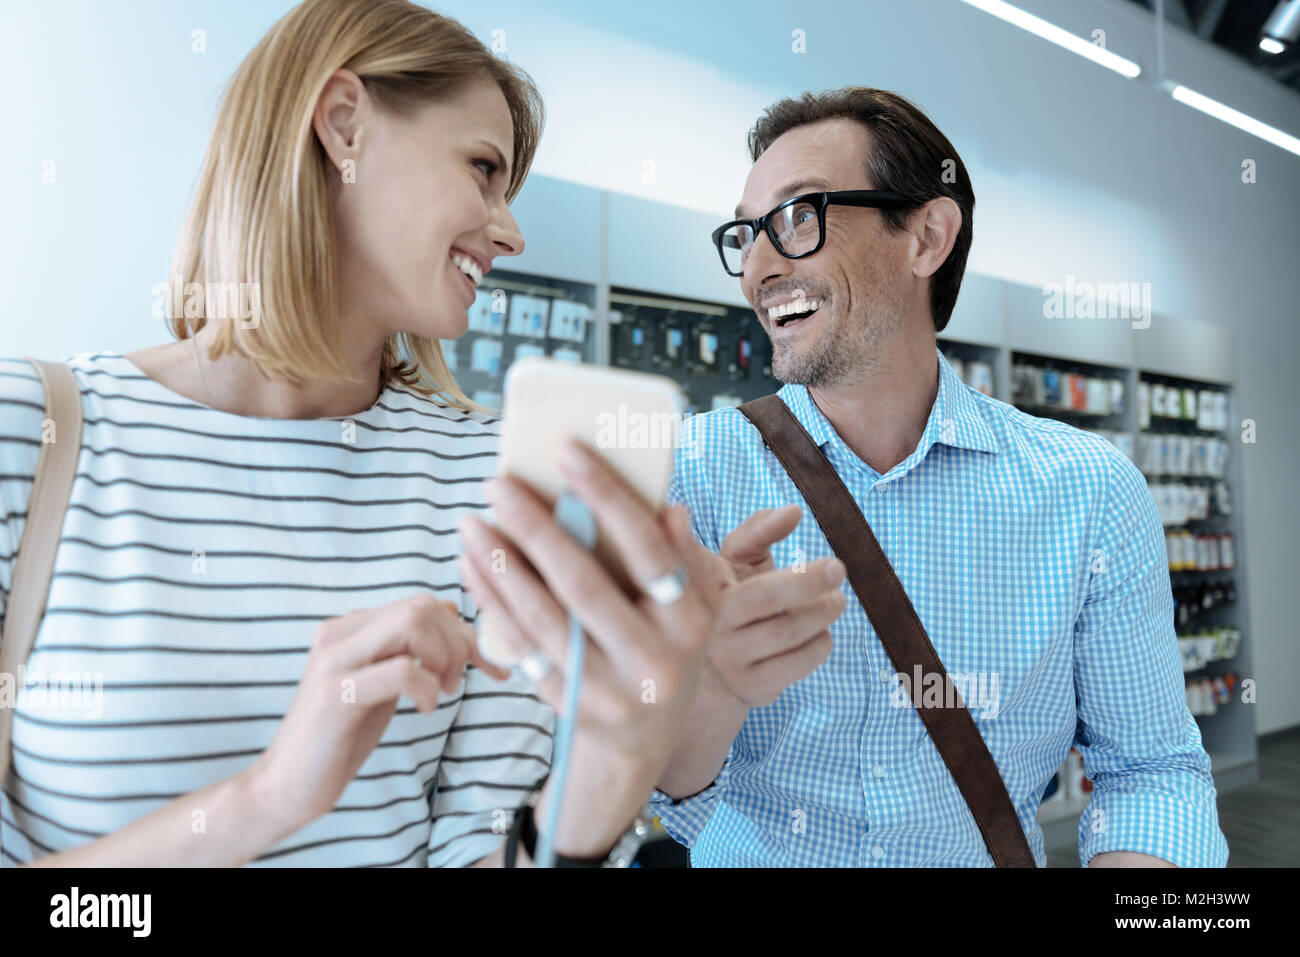 Fröhliche Menschen miteinander lachen Stockbild